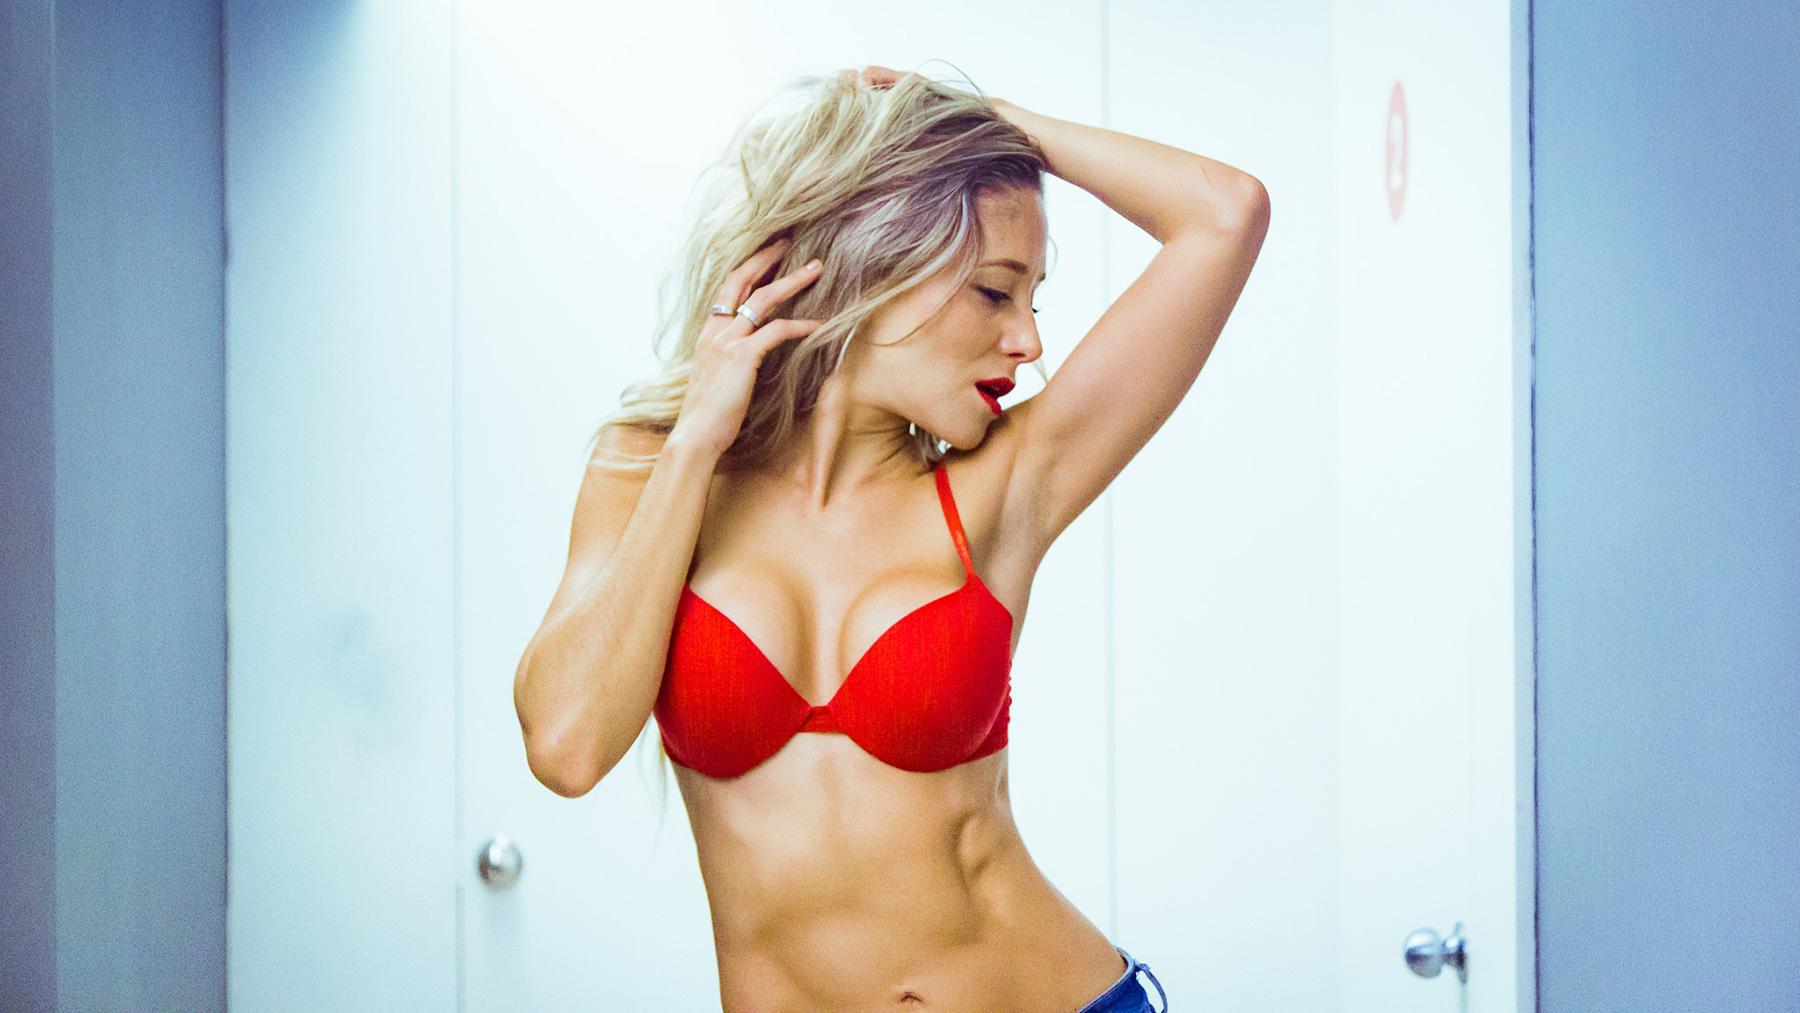 Gabriela Coceres Nude Photos 28